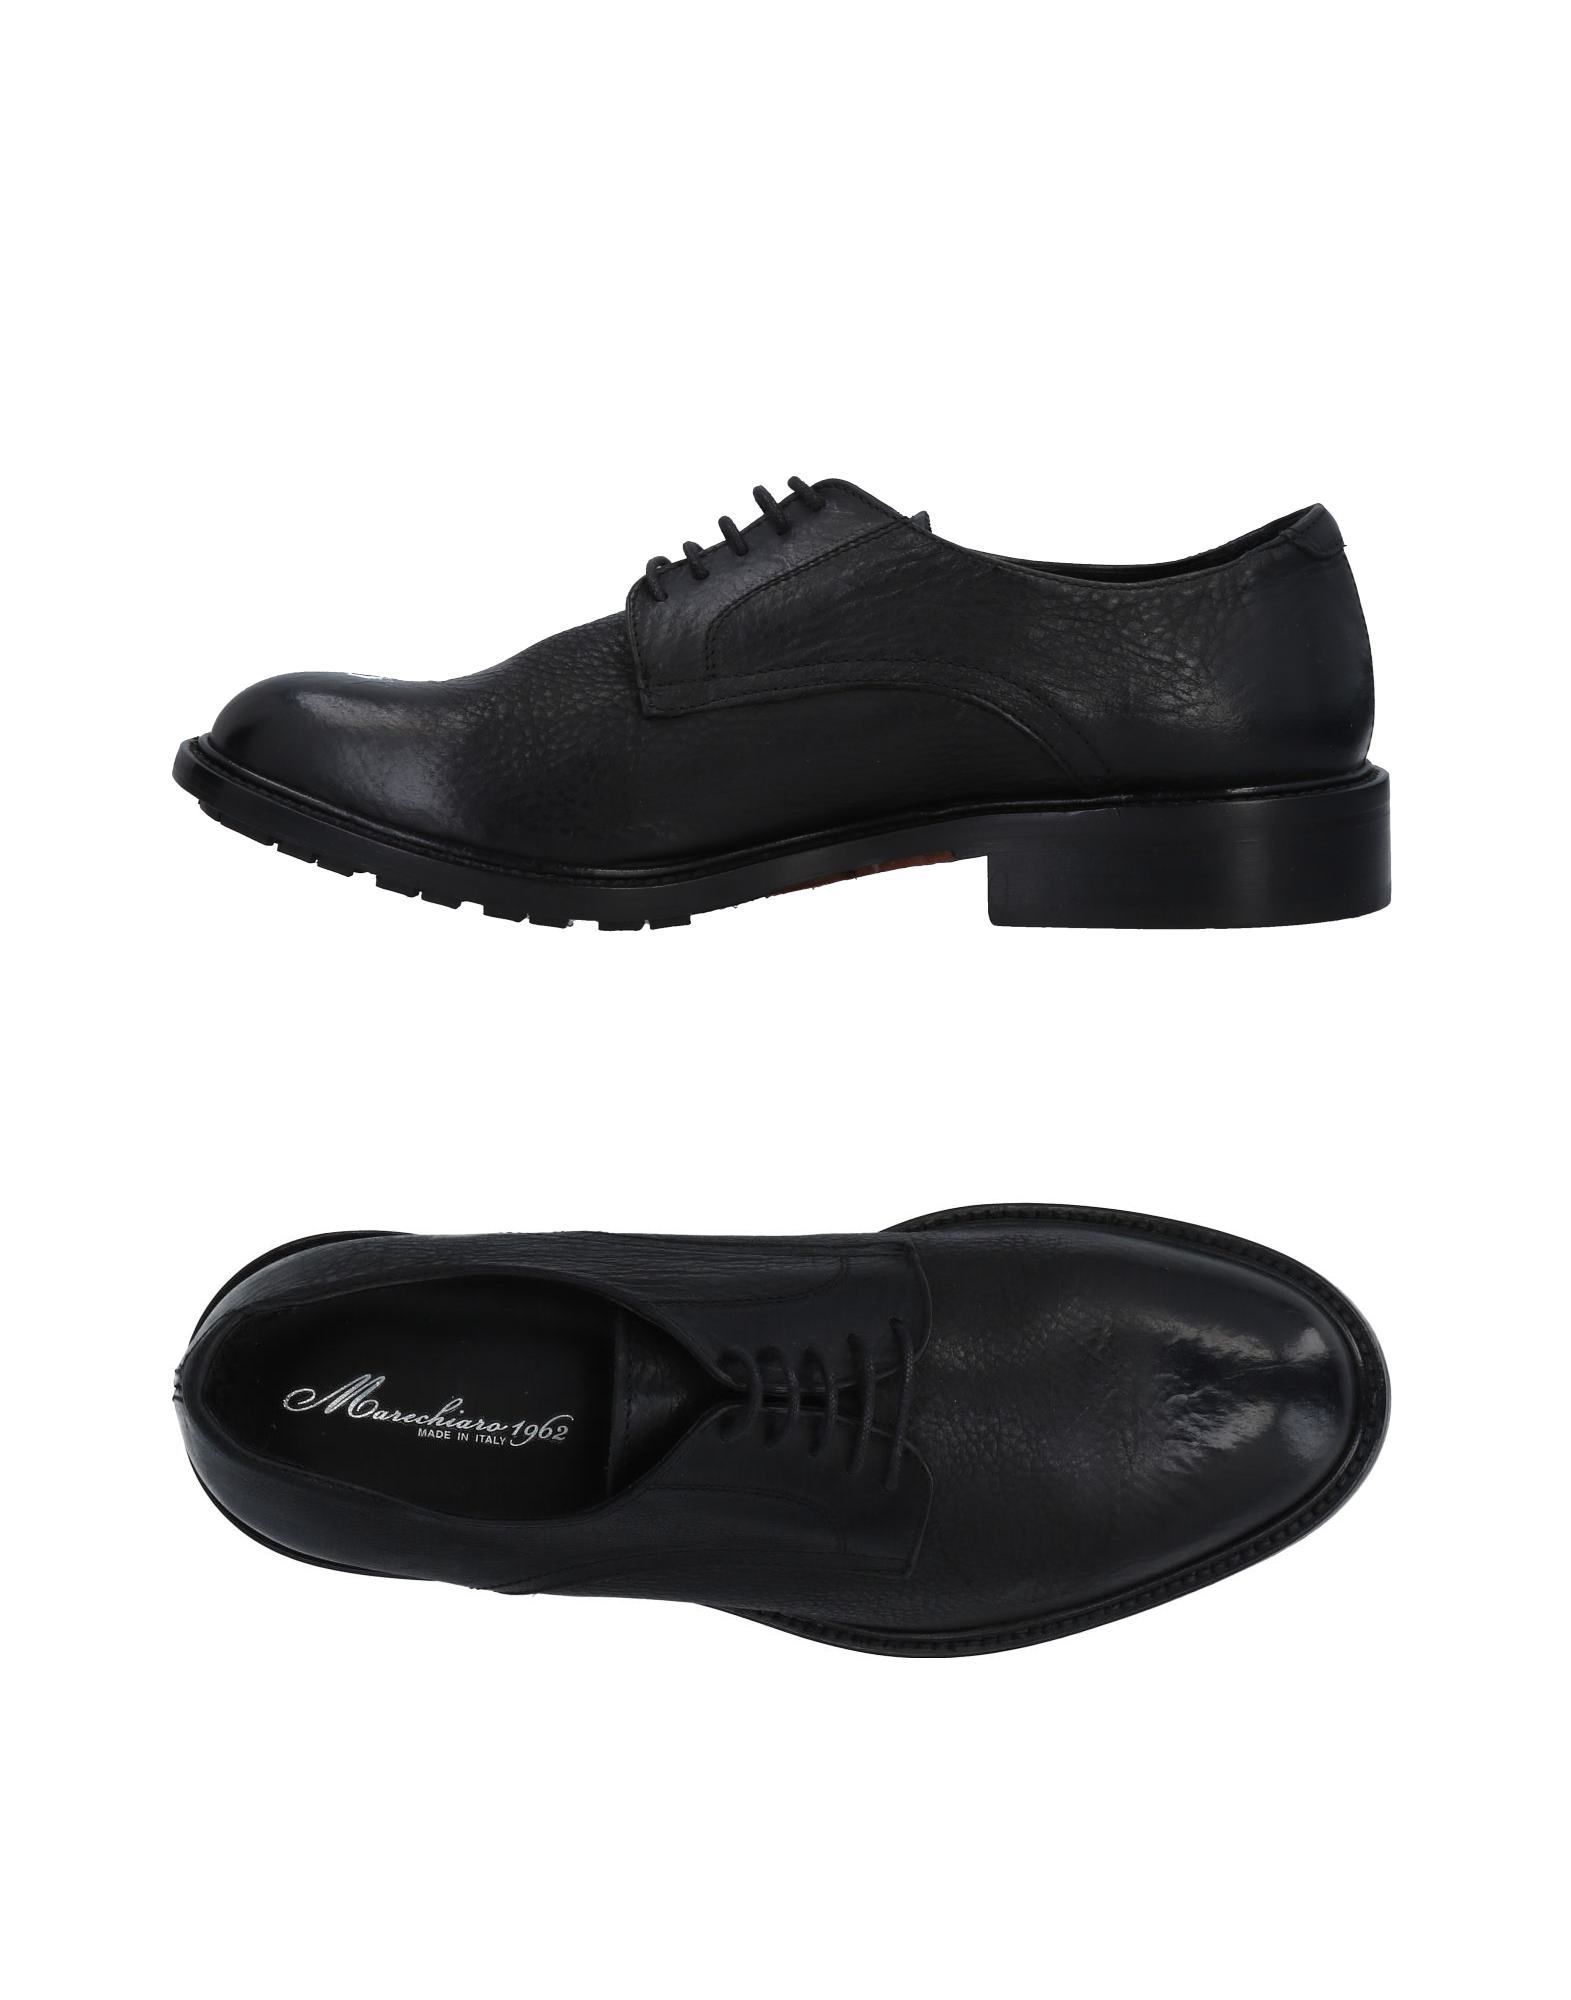 Rabatt Schnürschuhe echte Schuhe Marechiaro 1962 Schnürschuhe Rabatt Herren  11494400SE ec027a